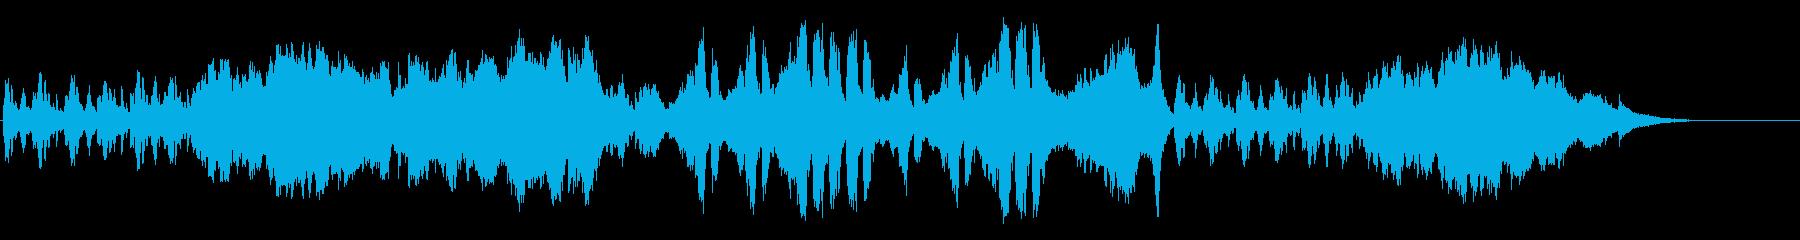 ドラマチックなクラシック/テーマの再生済みの波形